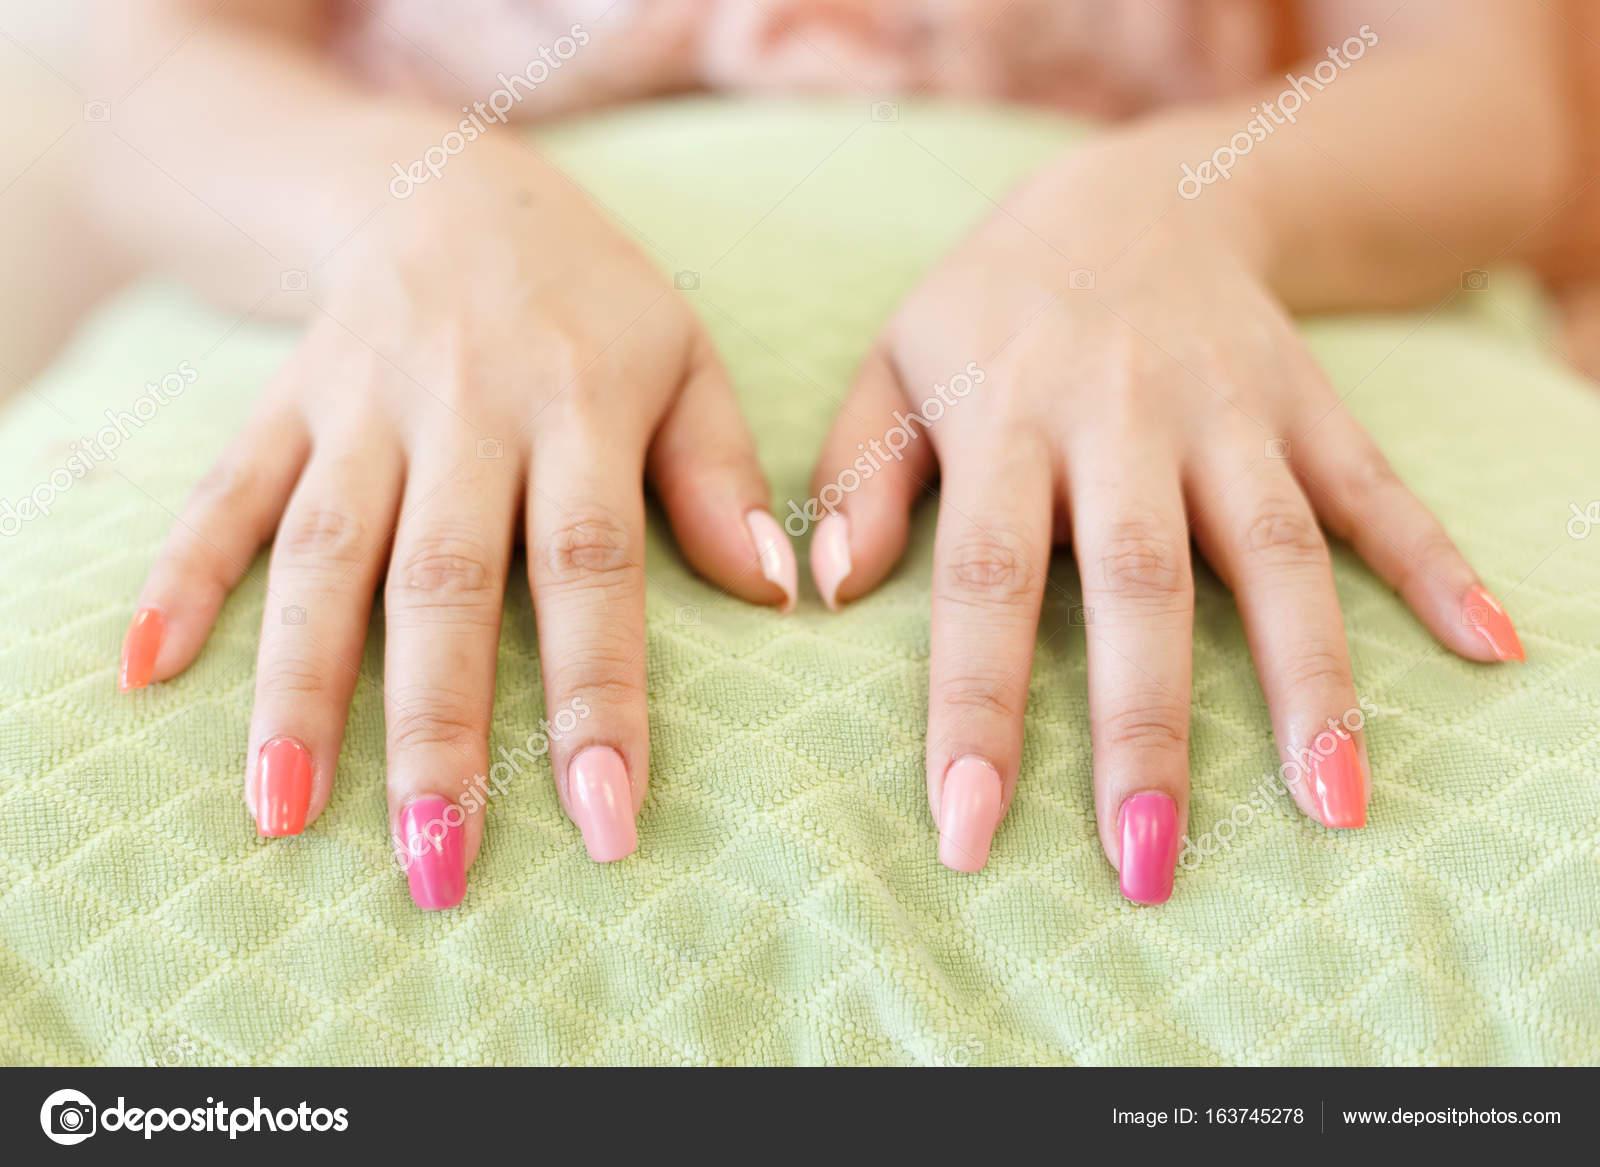 hermosas uñas manicure uñas acrílico de mujer — Foto de stock ...